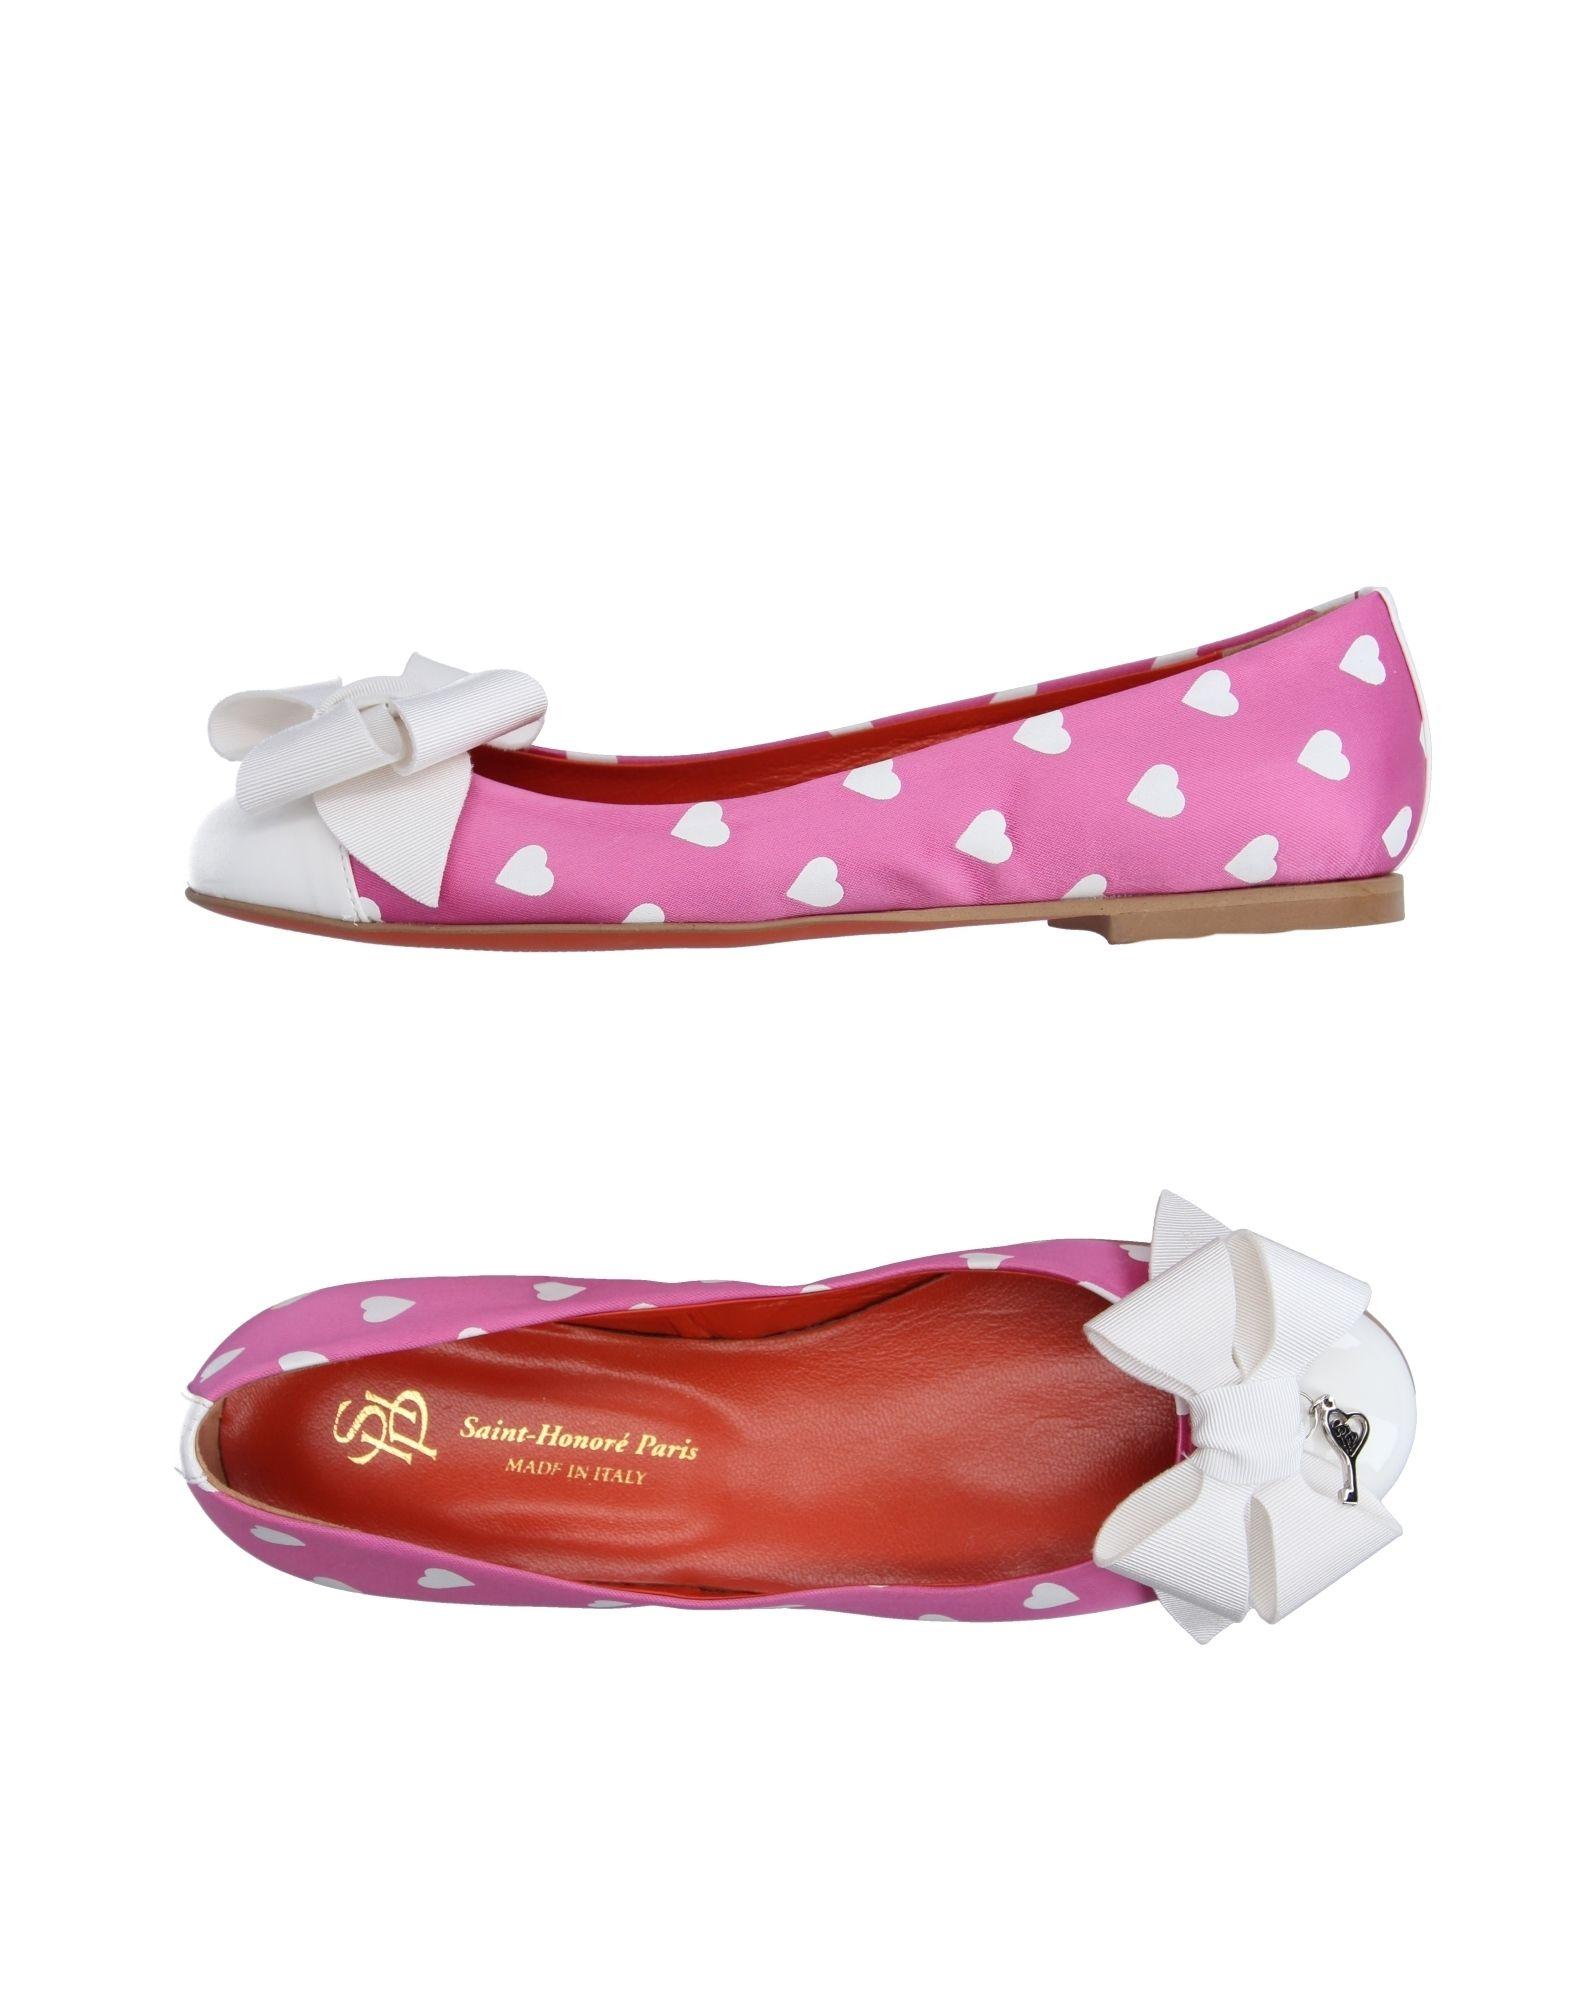 Ballerine Saint-Honoré Paris Souliers Donna - 11169413BK